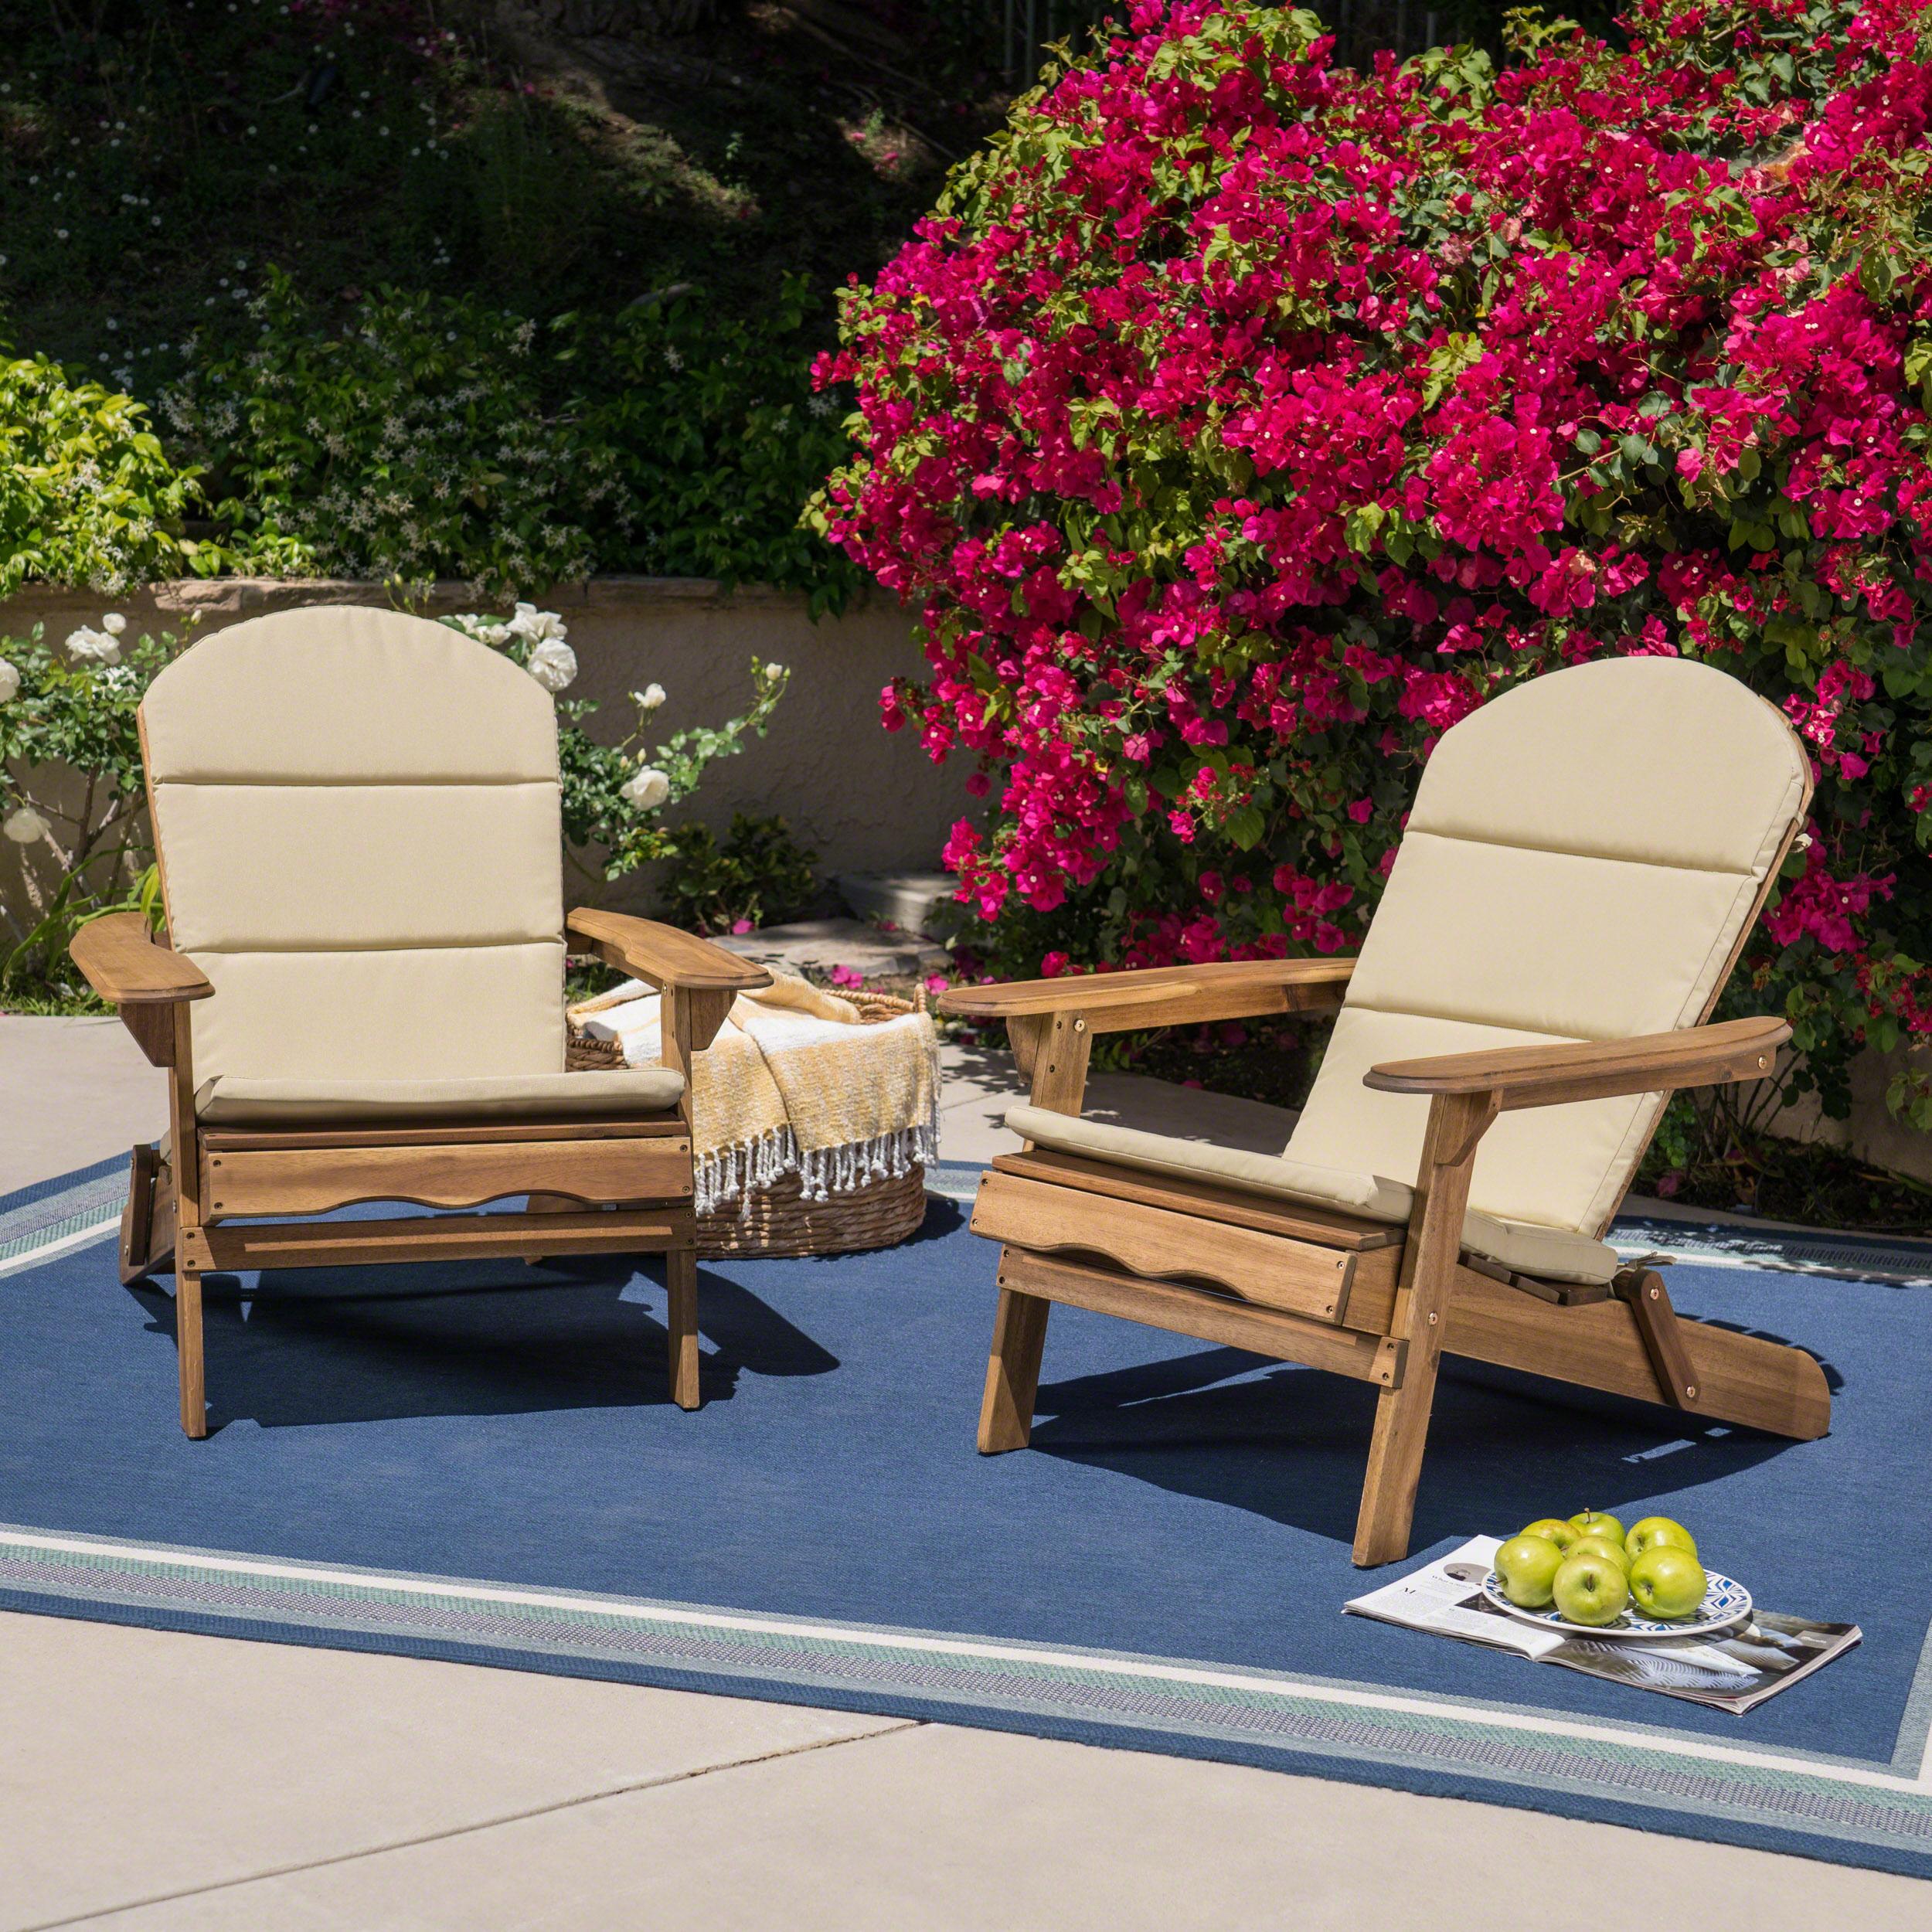 Mimi Outdoor Acacia Wood Adirondack Chairs with Cushions, Natural, Khaki